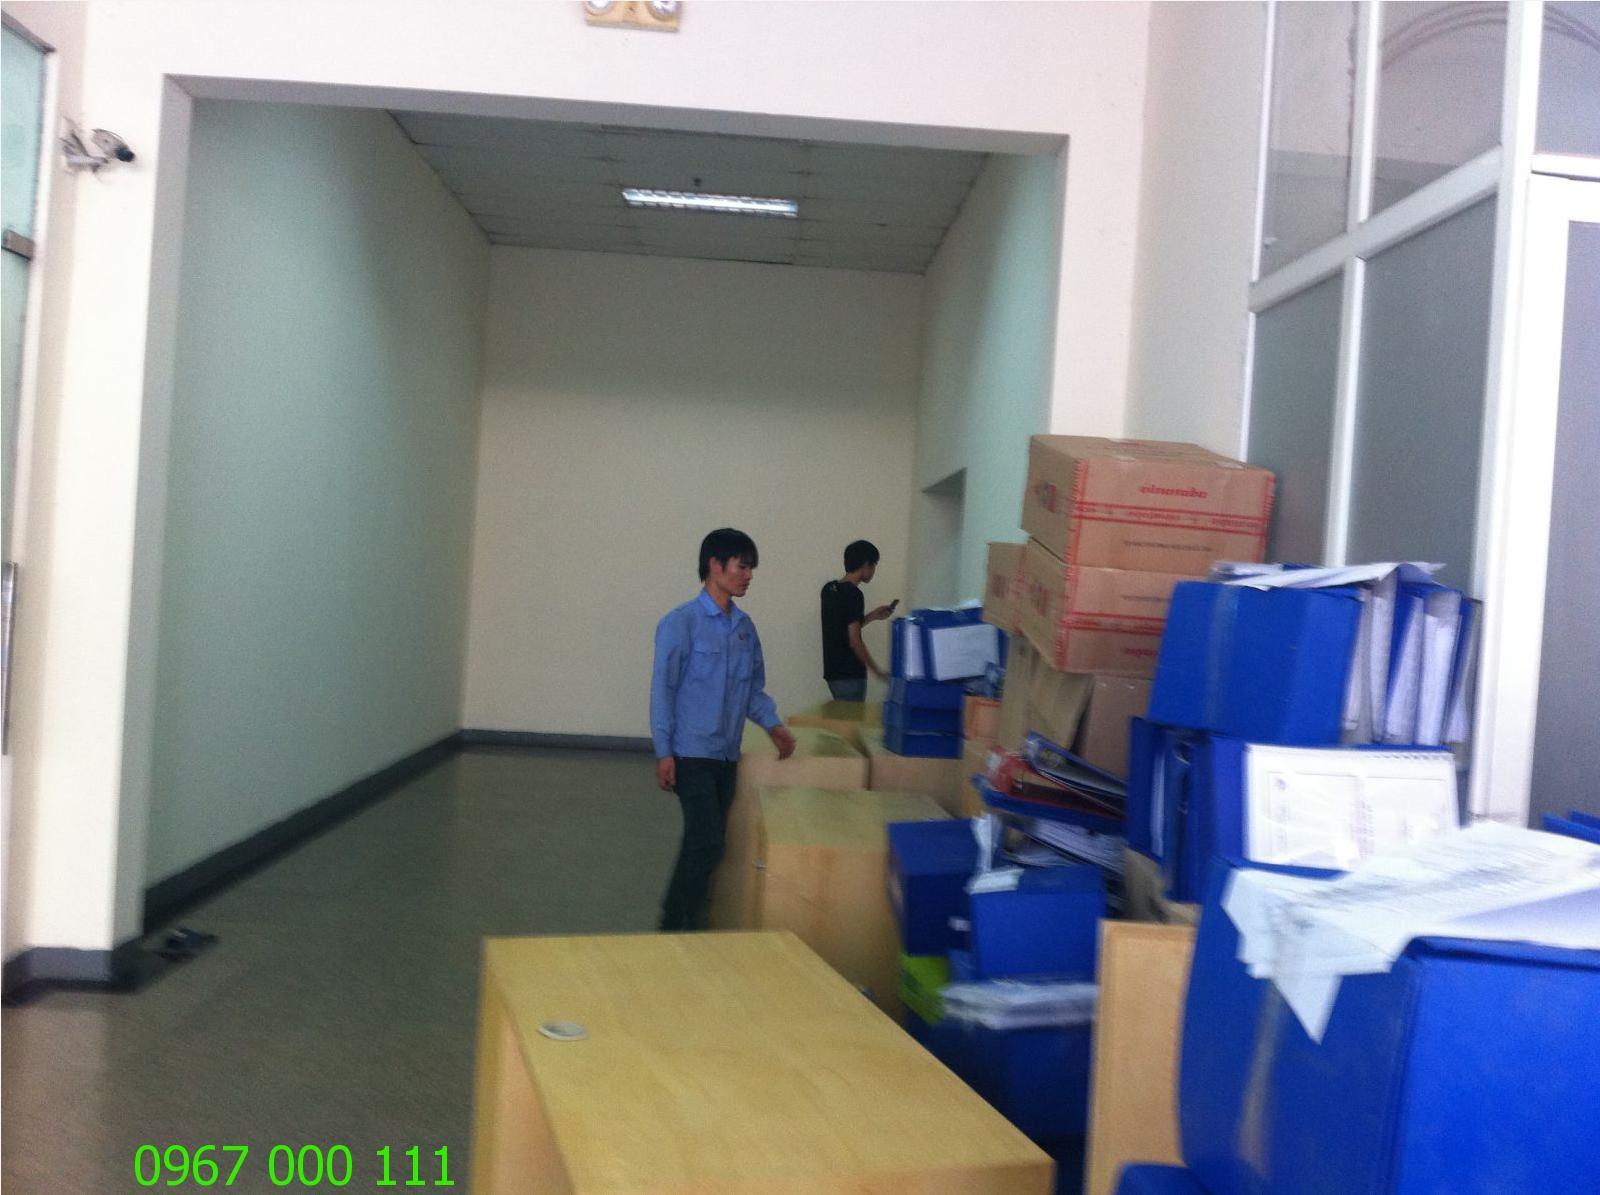 Chuyển văn phòng chung cư giá rẻ Hà Nội